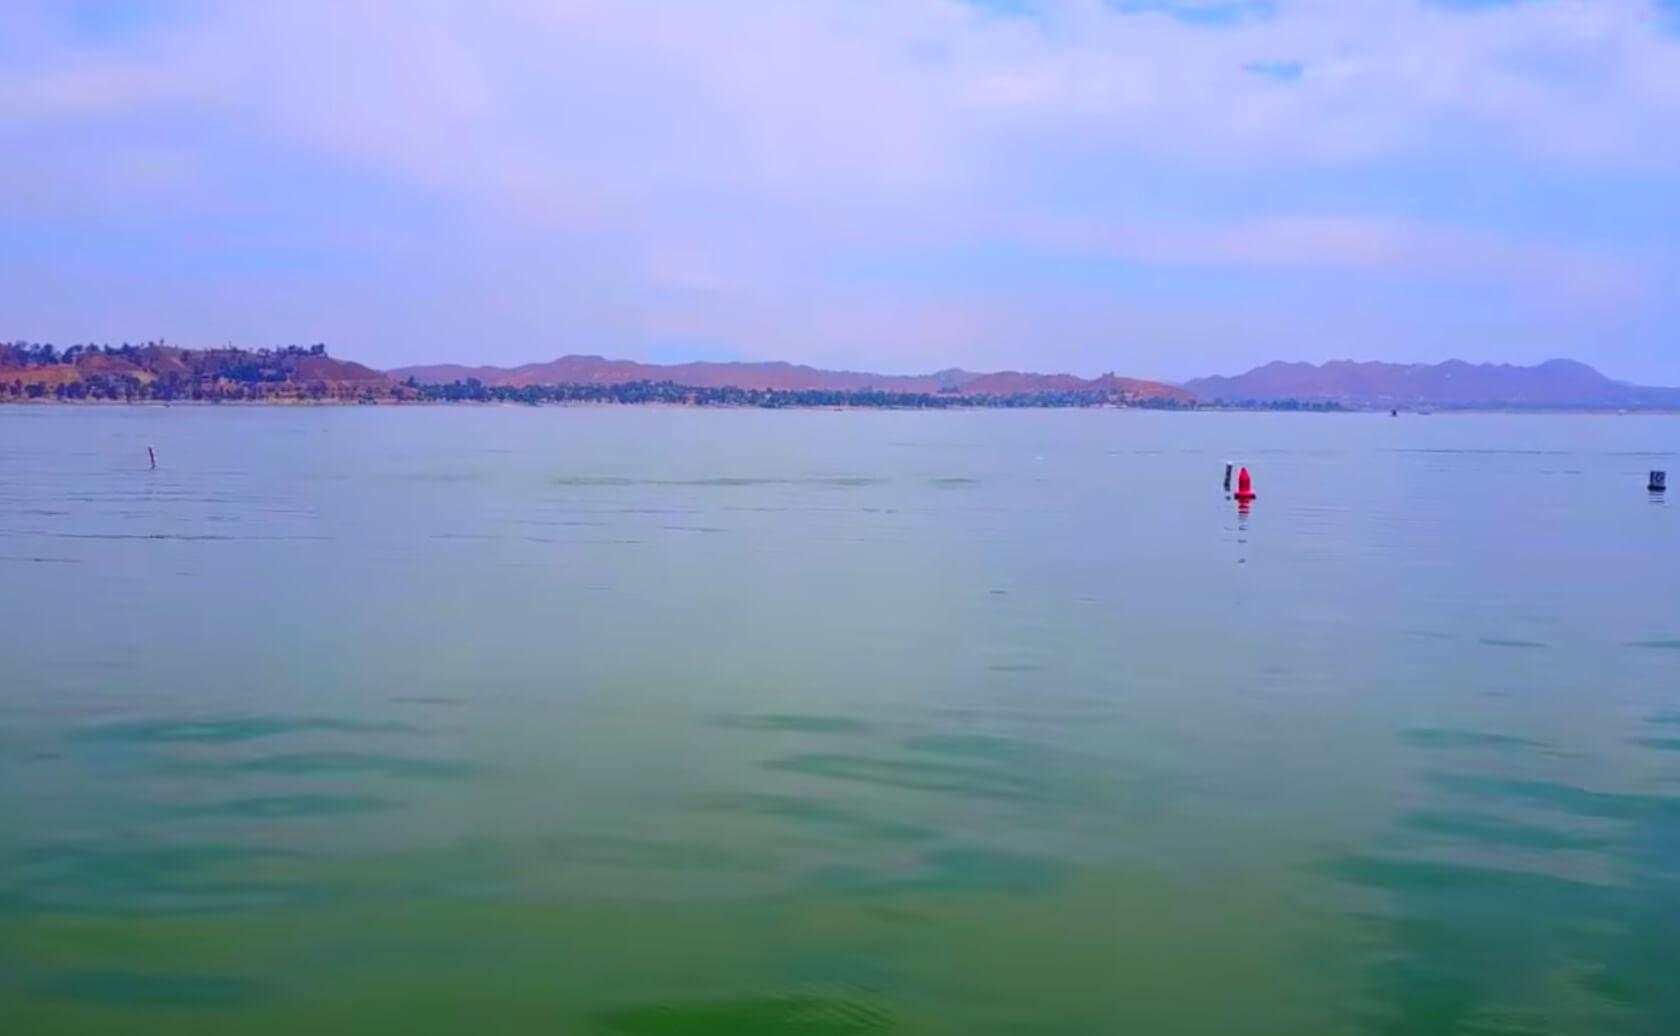 Lake-Elsinore-Fishing-Guide-Report-CA-02